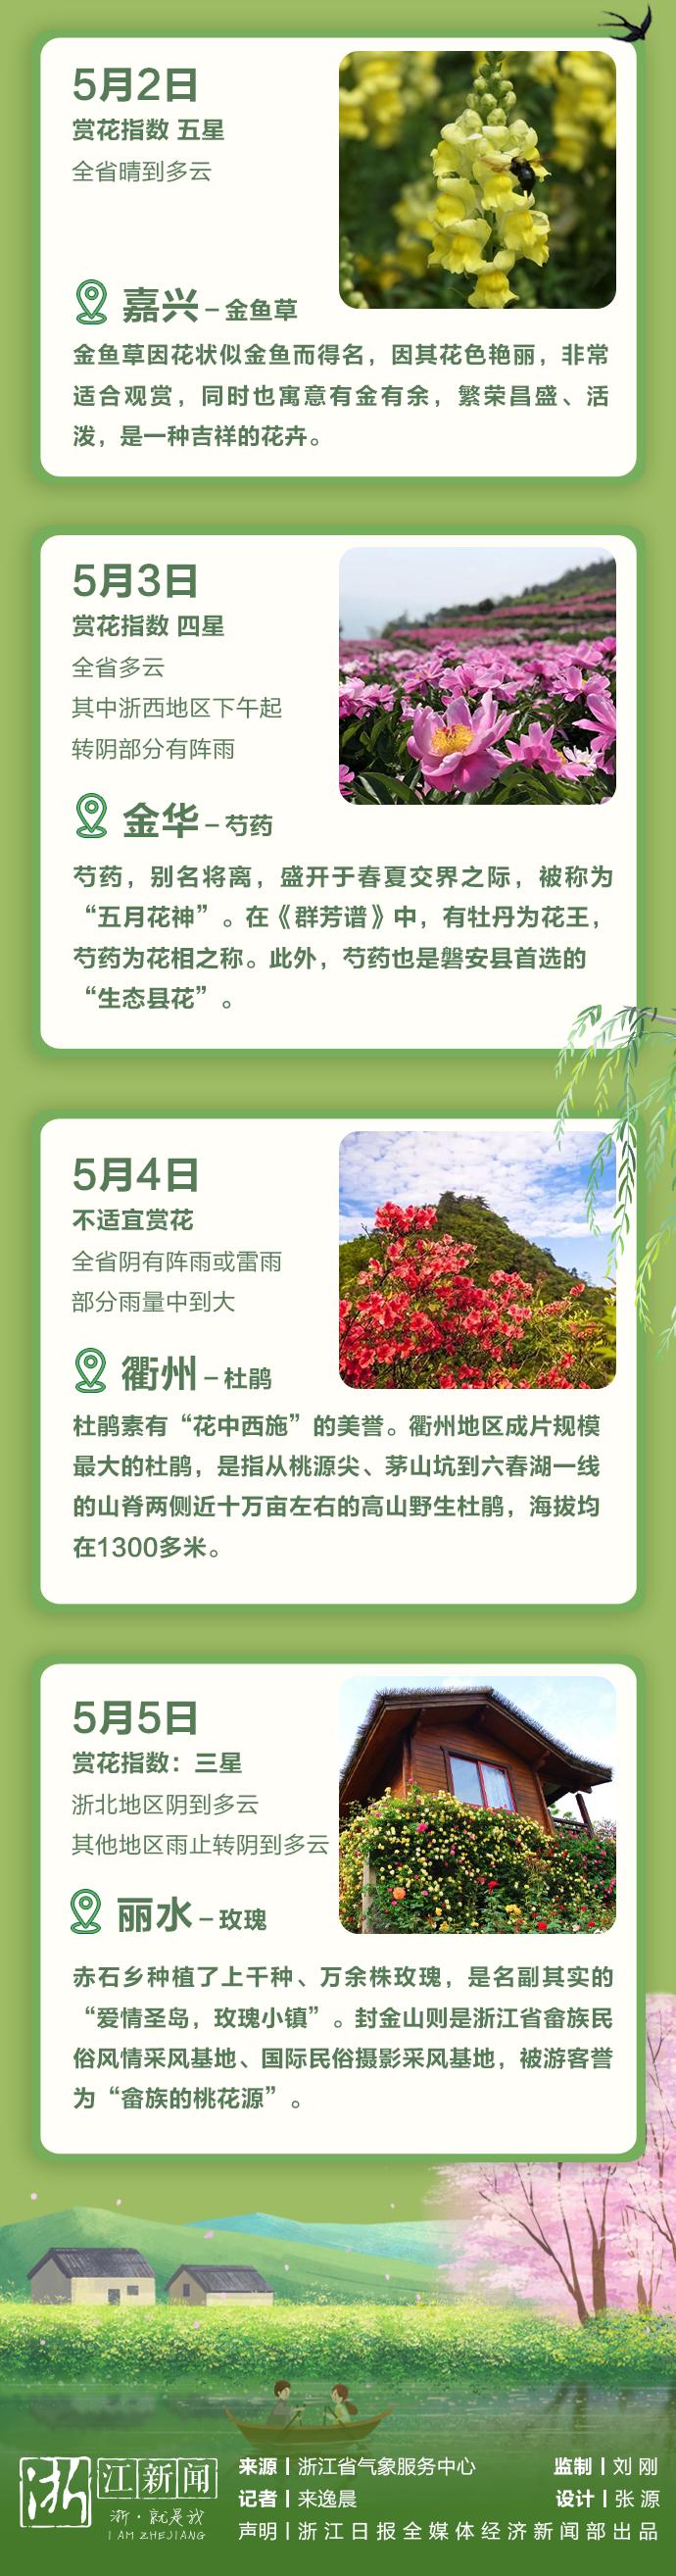 浙江赏花地图(0422)_02.png